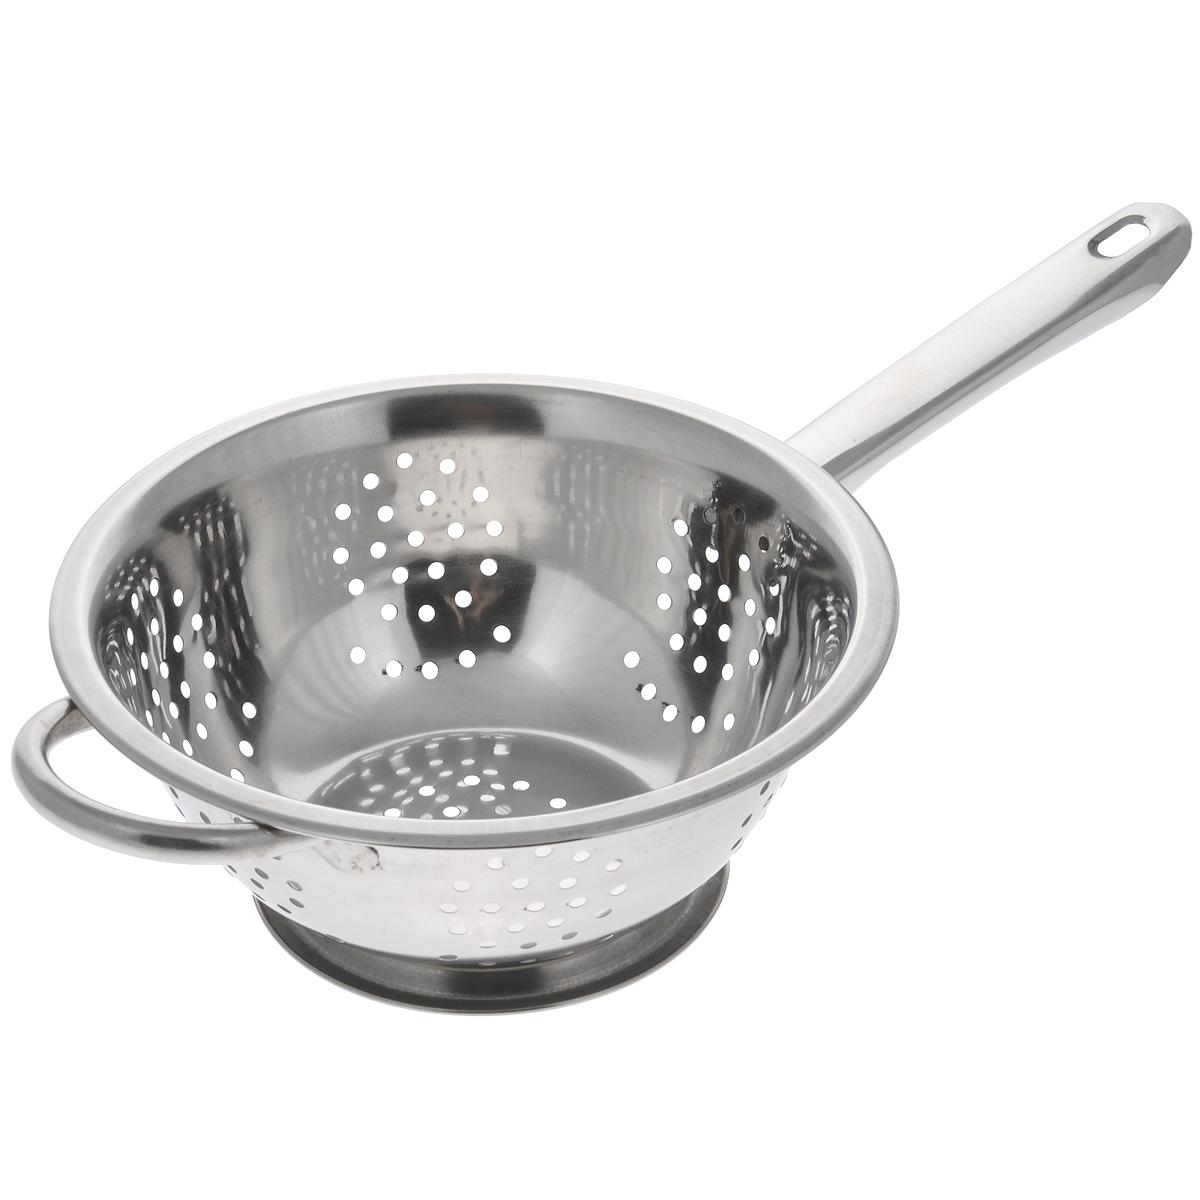 Дуршлаг Padia, диаметр 20 см. 5100-195100-19Дуршлаг Padia, изготовленный из высококачественной нержавеющей стали, станет полезным приобретением для вашей кухни. Он идеально подходит для процеживания, ополаскивания и стекания макарон, овощей, фруктов. Дуршлаг оснащен устойчивым основанием, длинной и короткой ручками.Диаметр дуршлага (без учета ручек): 20 см.Внутренний диаметр: 18 см.Длина дуршлага (с учетом ручек): 35 см.Высота стенки дуршлага: 7 см.